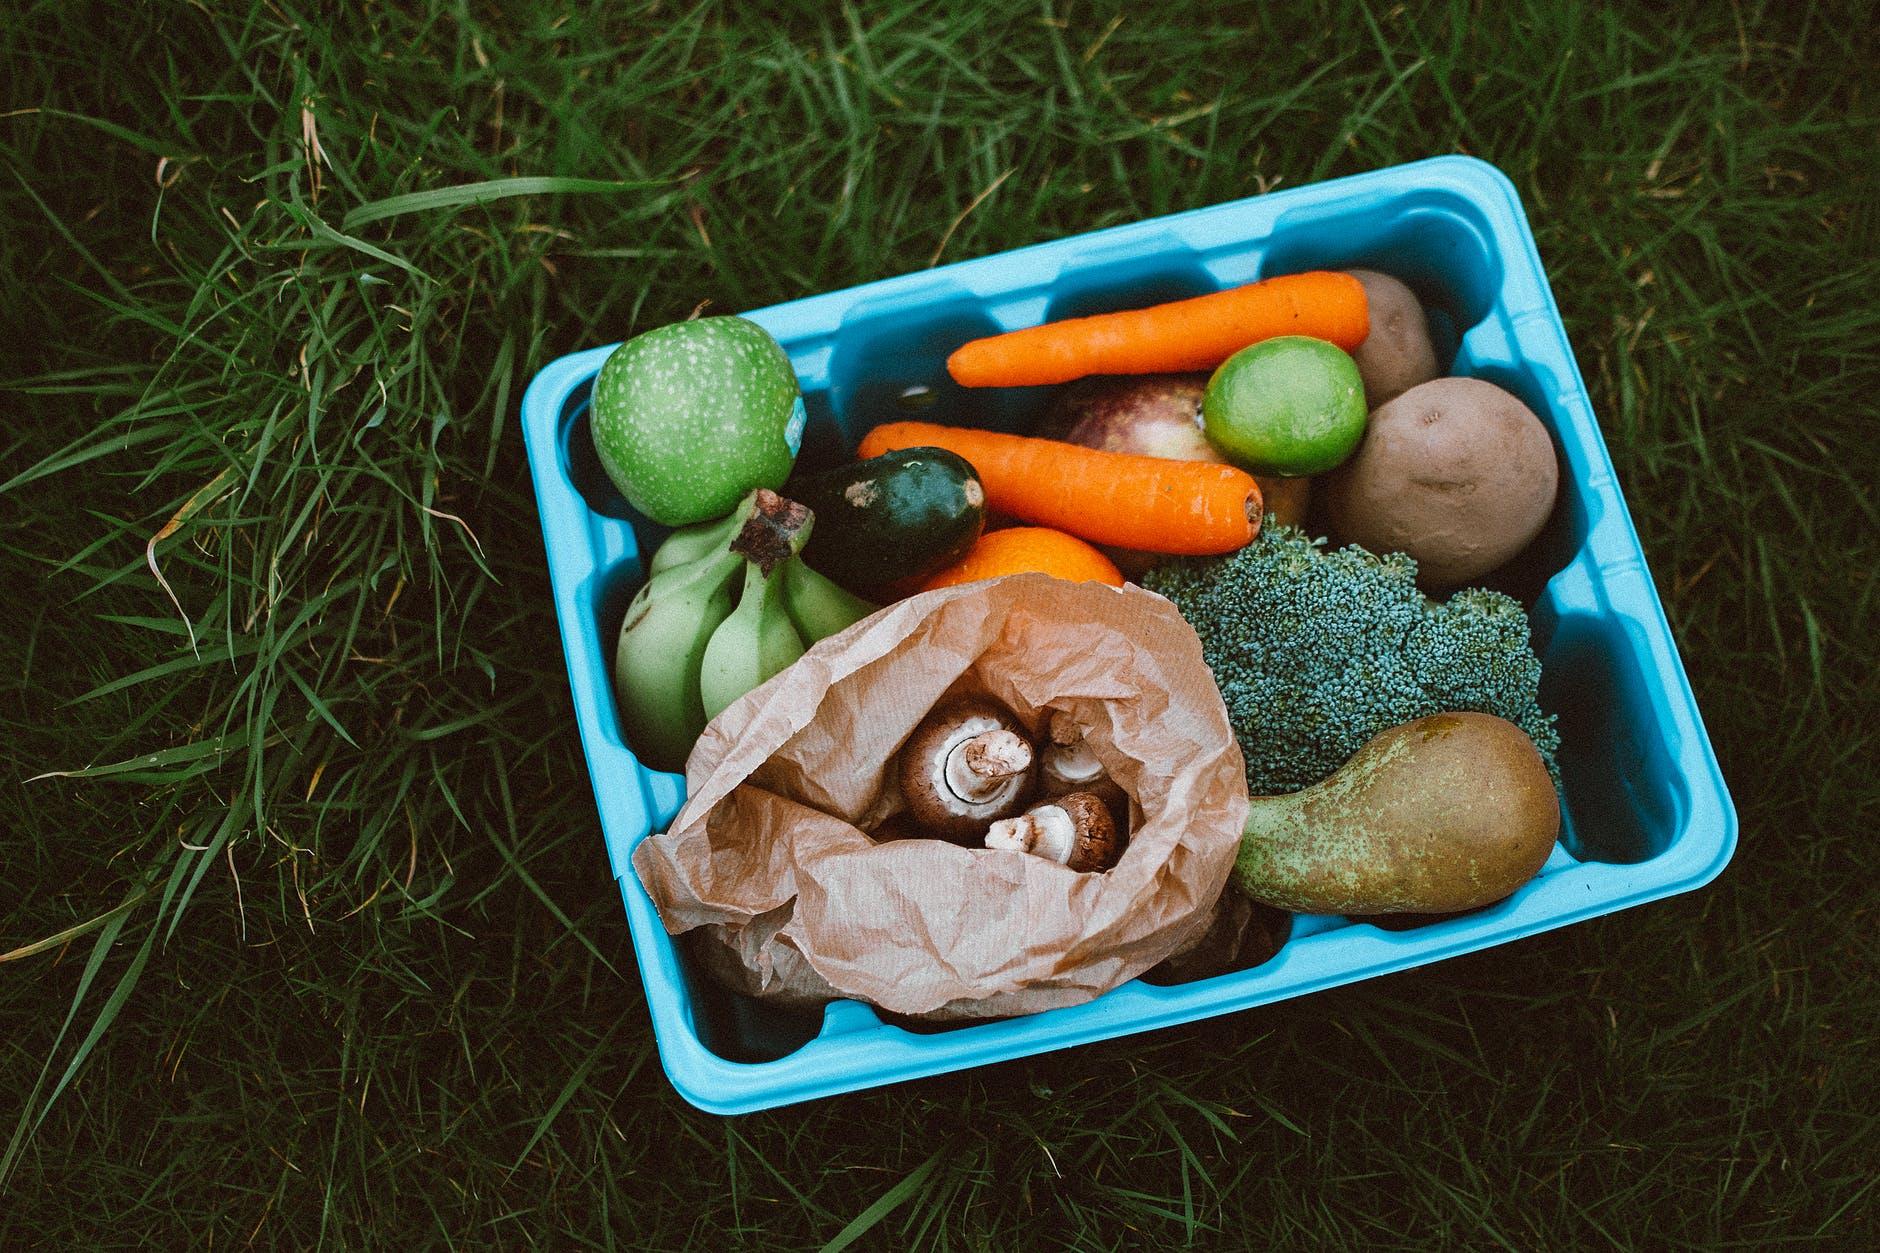 frutta-verdura-ortaggi-in-cesto-su-prato